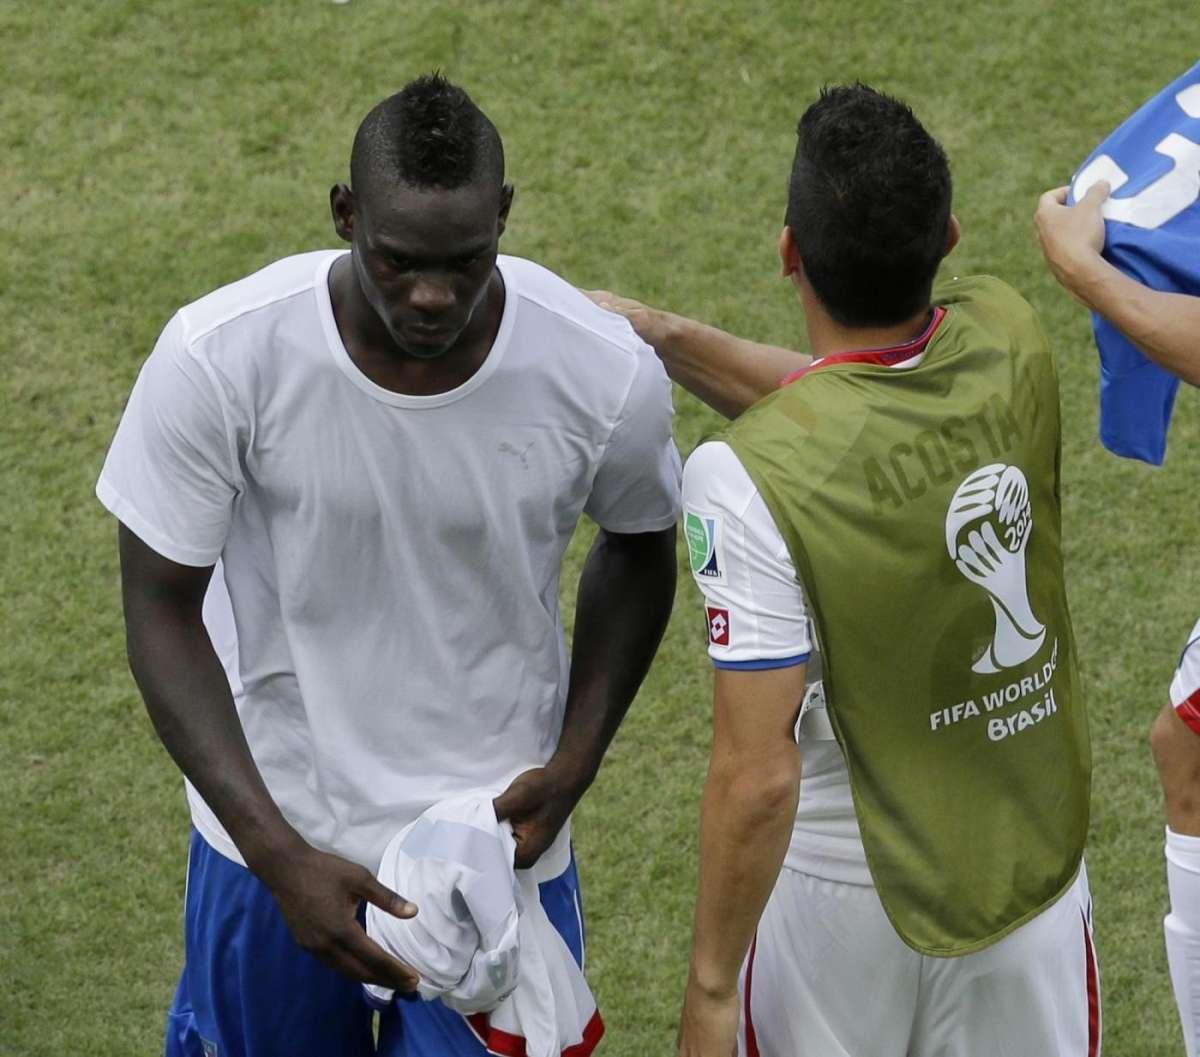 Mondiali 2014, l'Italia sconfitta dalla Costa Rica si complica la qualificazione [FOTO]